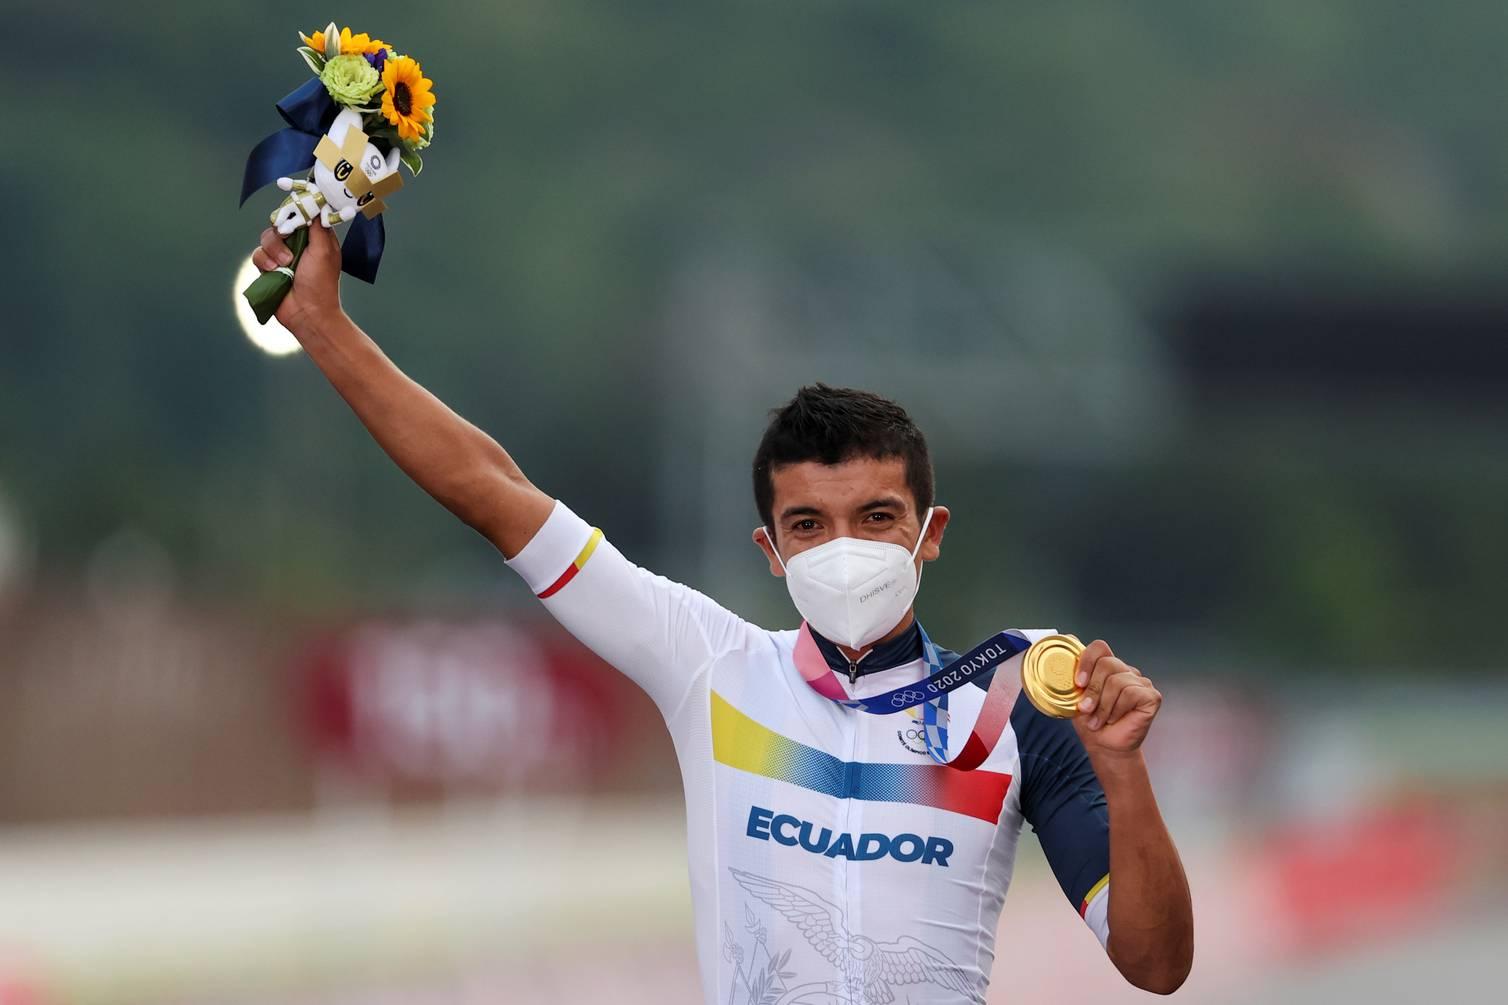 Richard Carapaz hace historia para Ecuador; obtuvo el oro en Tokio 2020